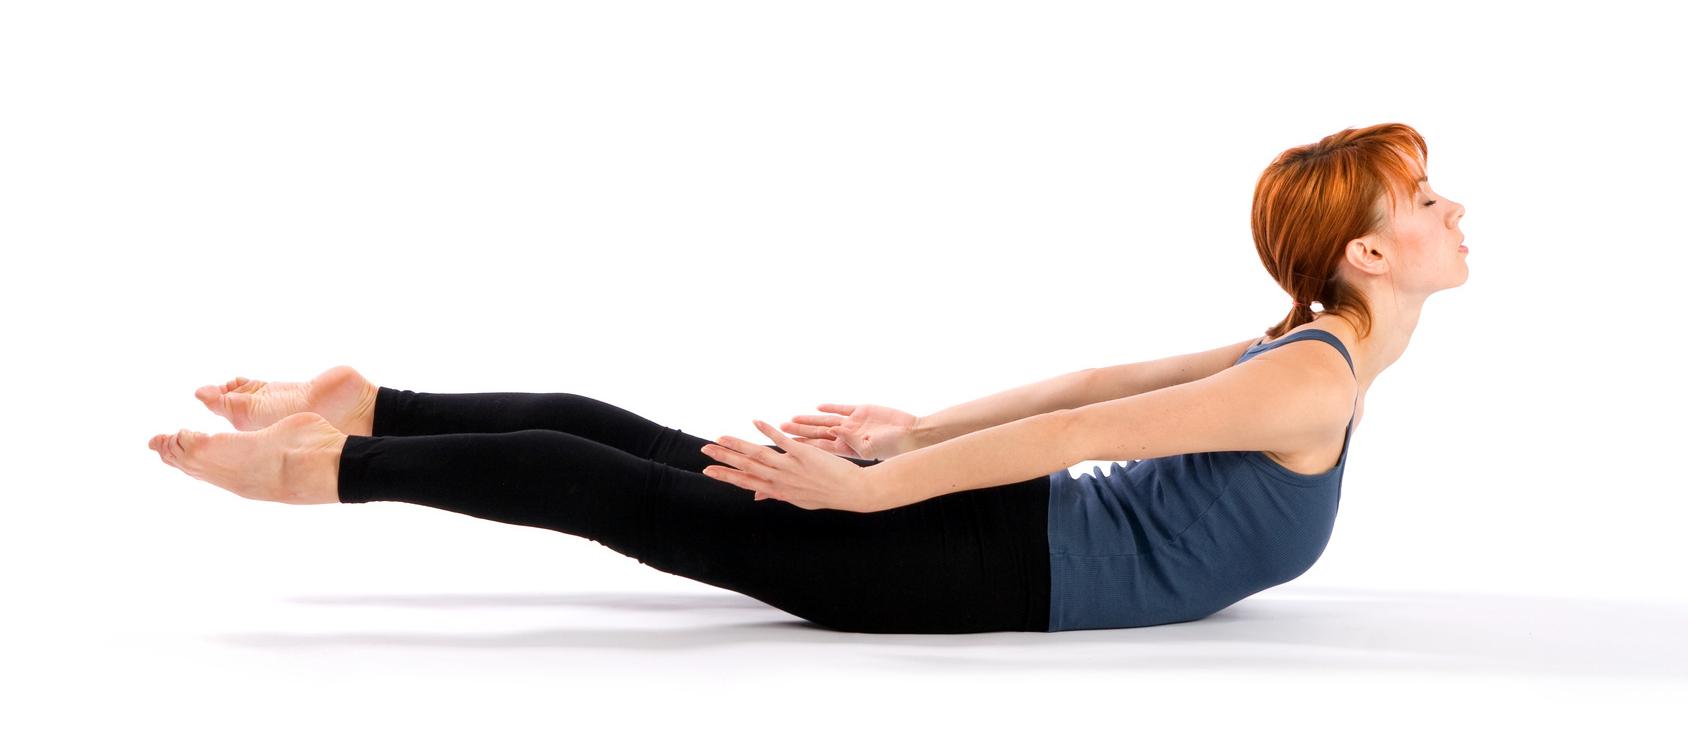 Результативное лечение: упражнения при грыже позвоночника грудного отдела как способ избавиться от симптомов